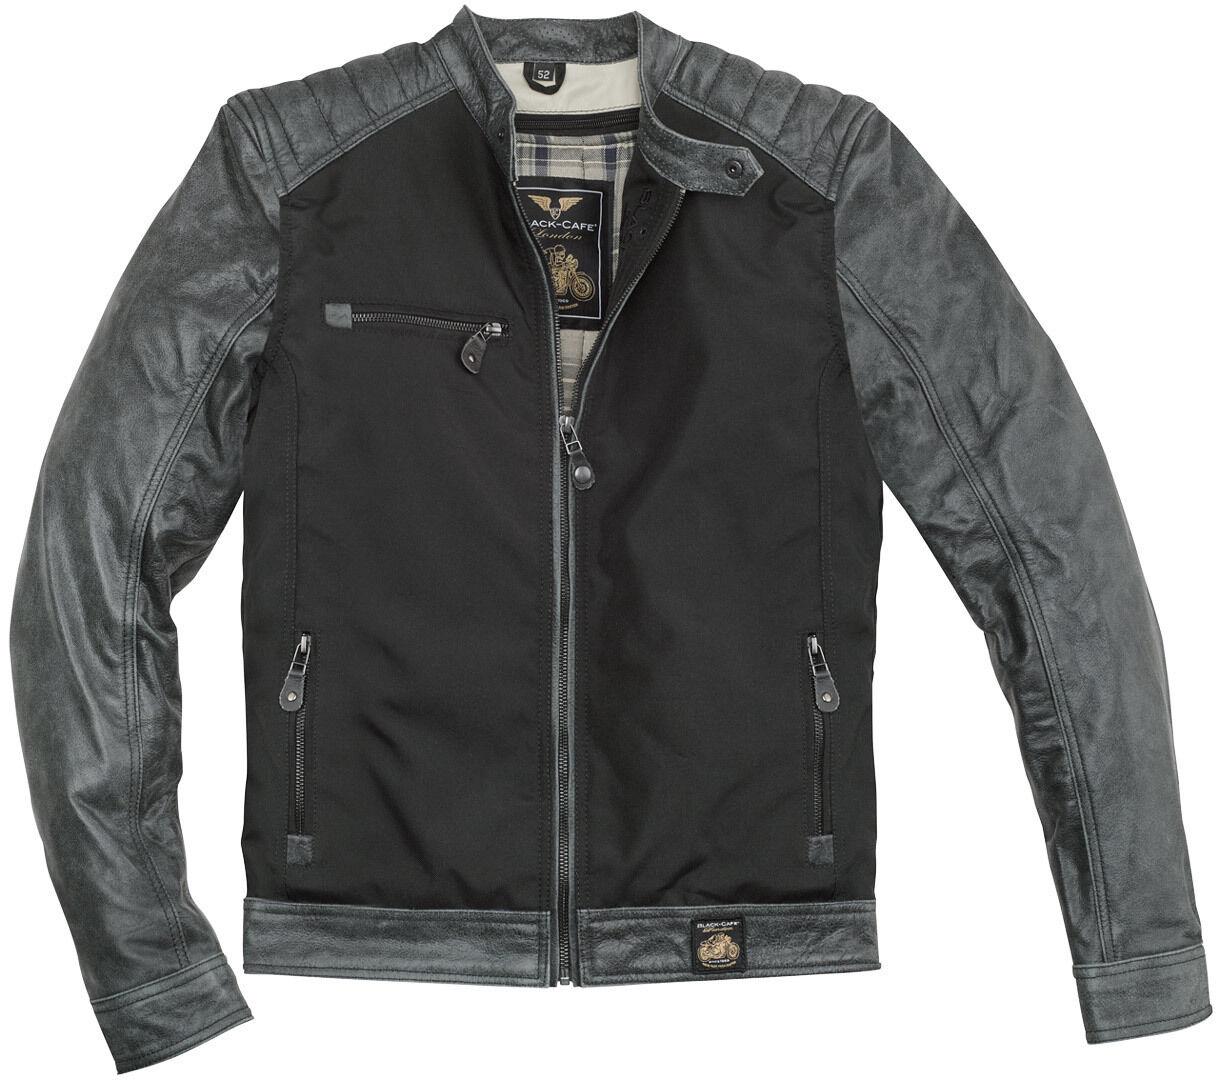 Black-Cafe London Johannesburg Cuir de moto / Veste textile Noir Gris taille : 50